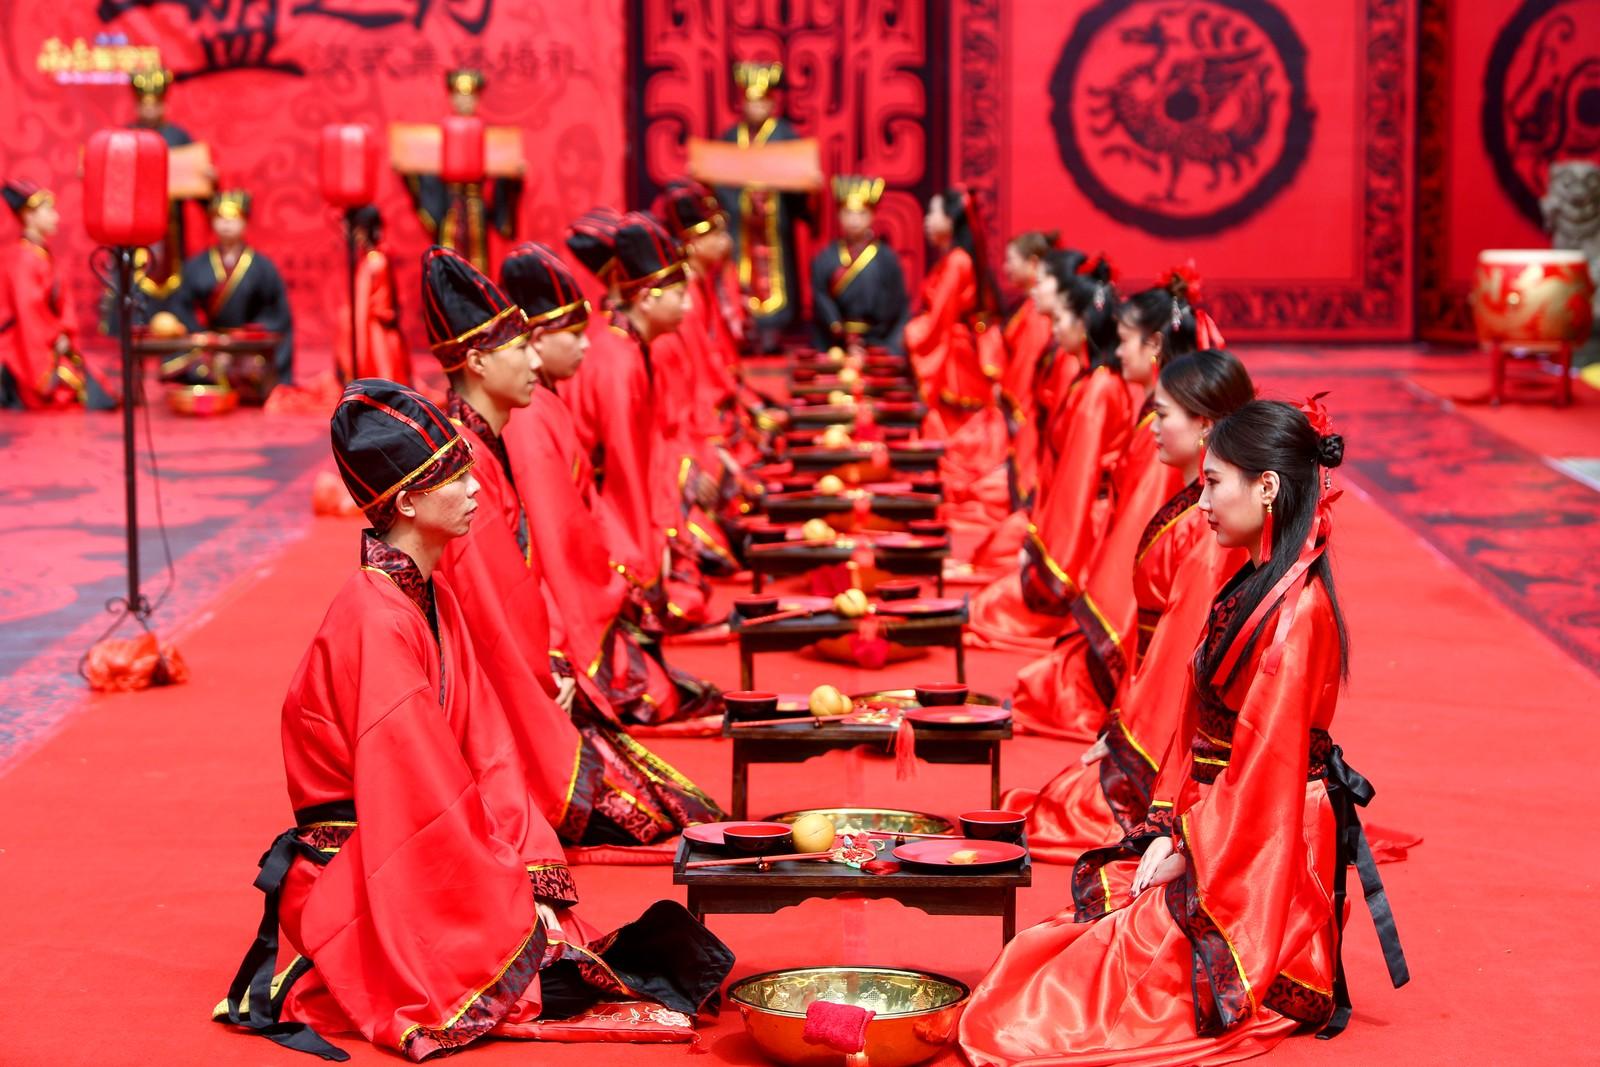 Hengyang: Par deltar på en tradisjonell bryllupseremoni under Qixi-festivalen, også kjent som den kinesiske valentinerdagen.